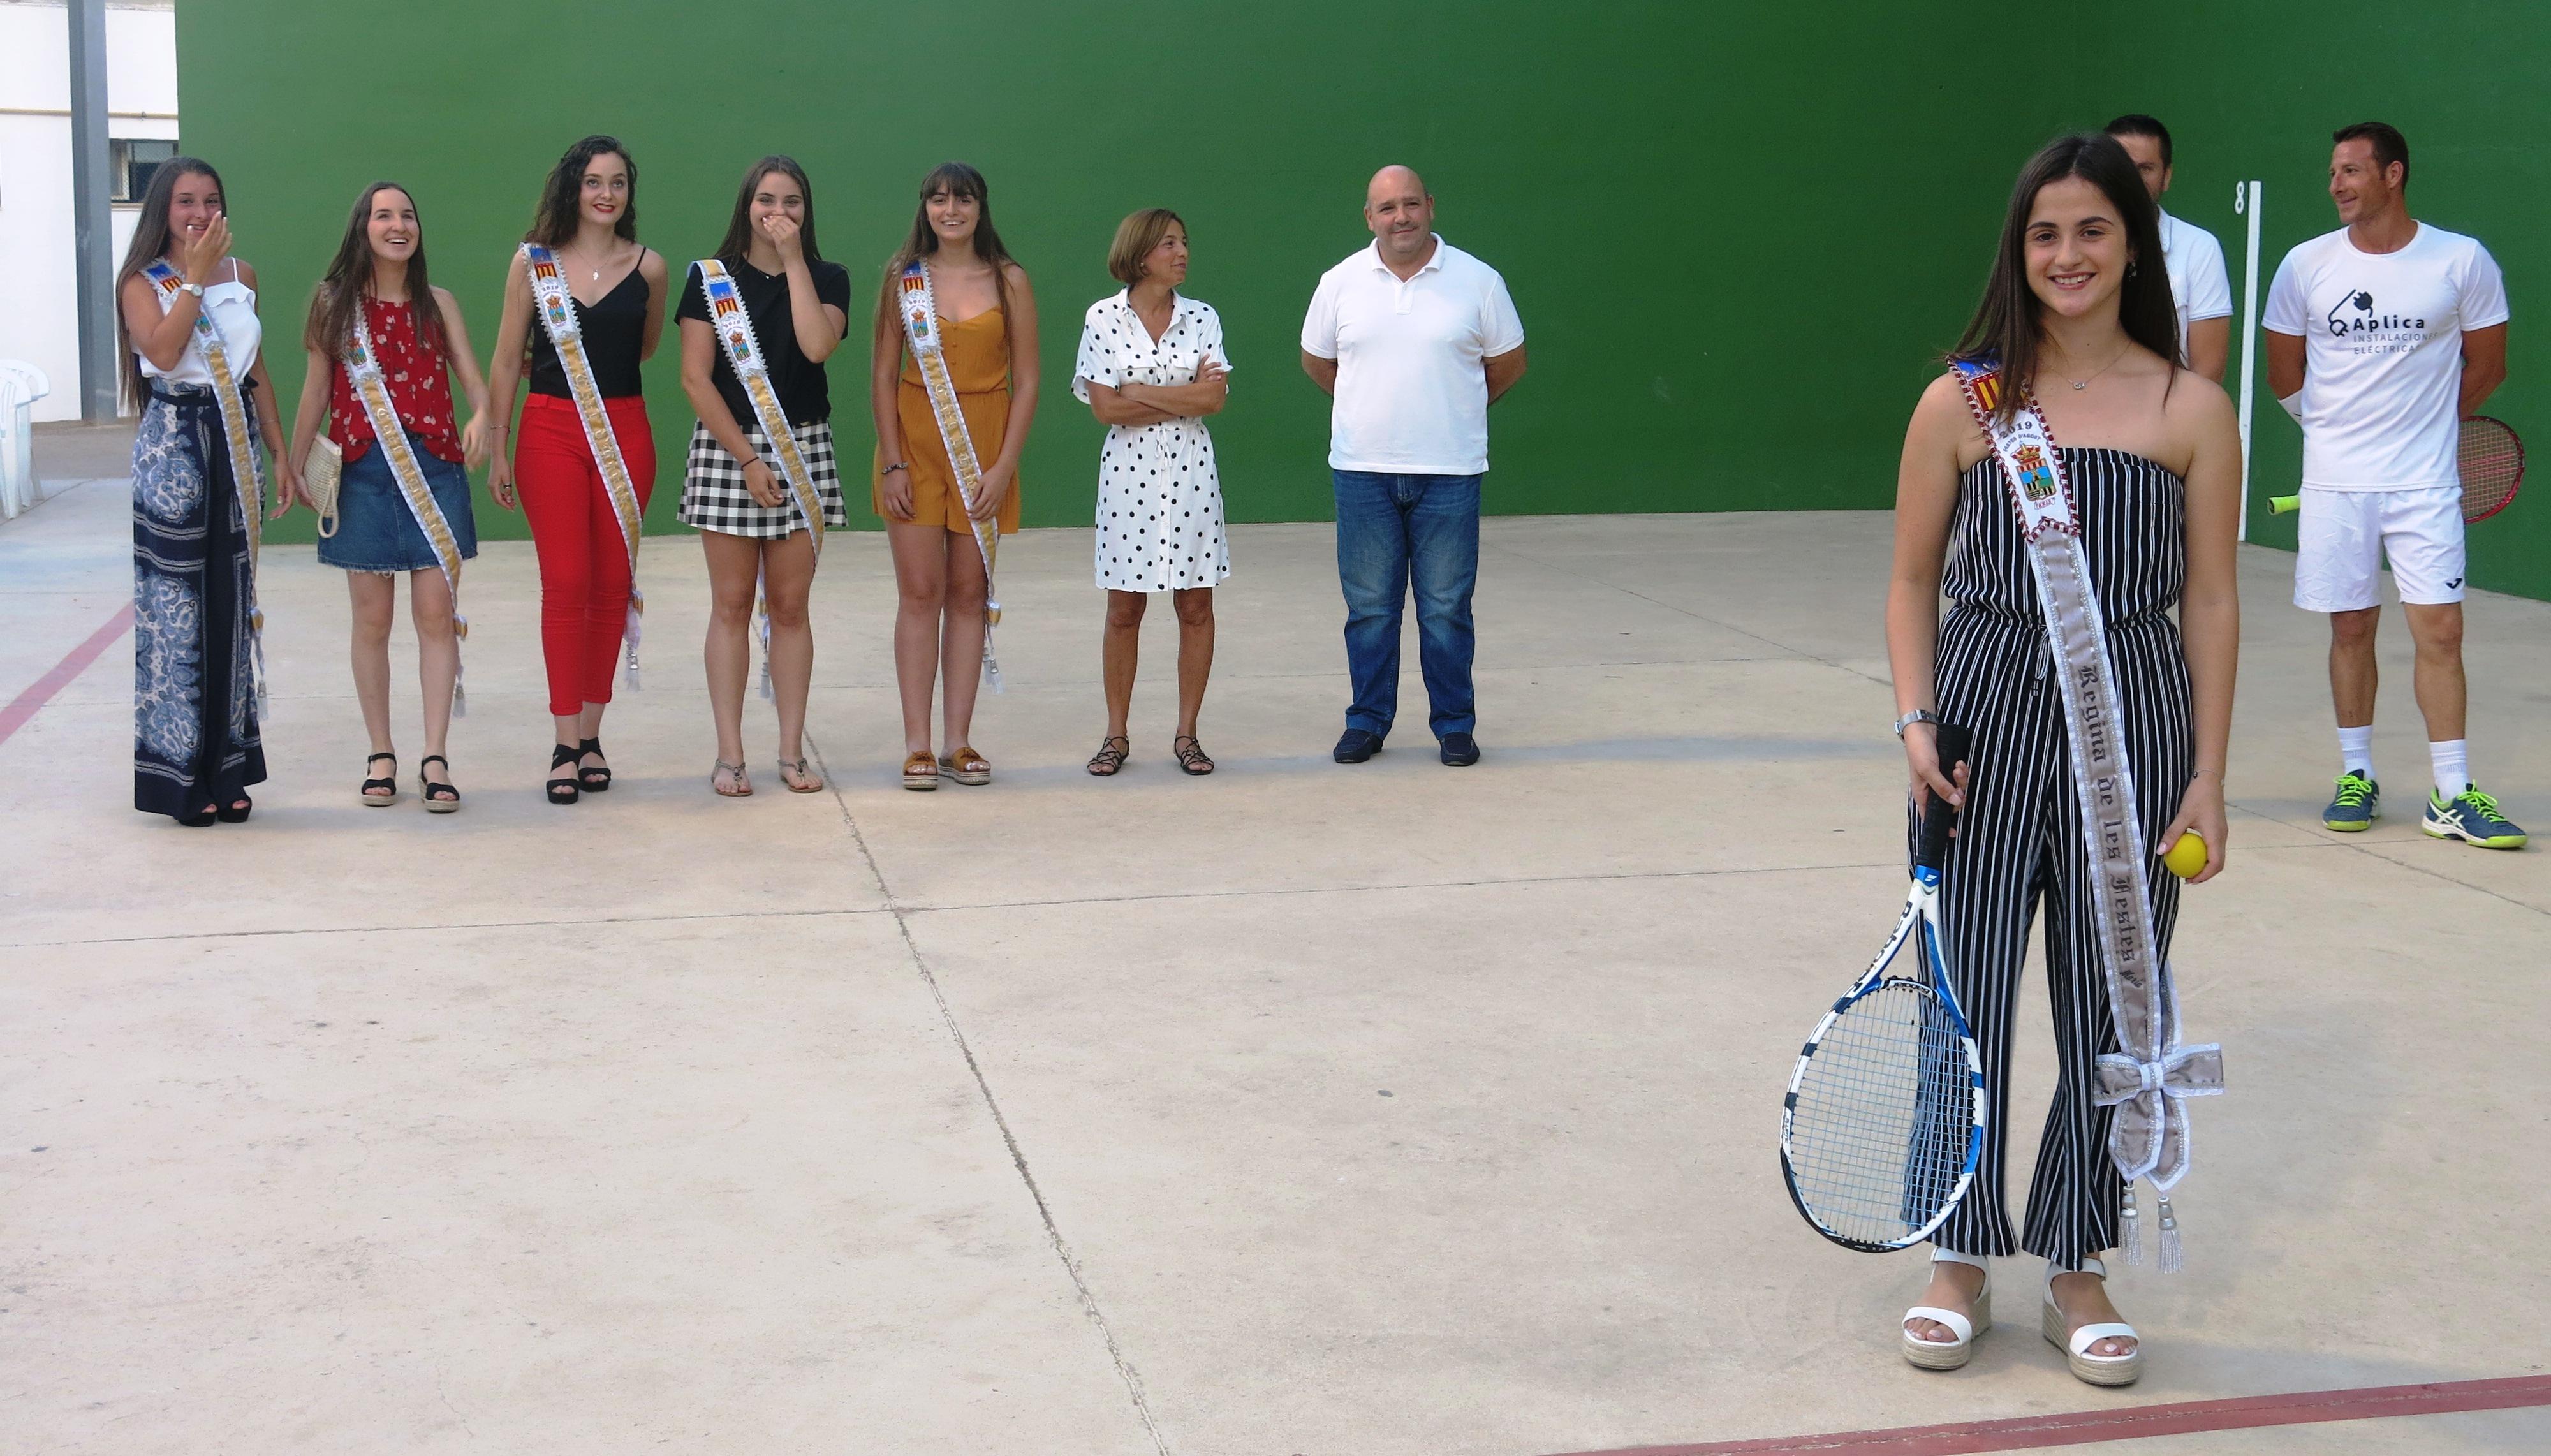 L'entrega de trofeus estigué a càrrec de la Regina de les Festes, María Sánchez, i la seua cort acompanyades per l'alcalde, Eugenio Fortaña, i els regidors de festes i d'esports, Ivan Picó i Mª Dolores Crespo respectivament.